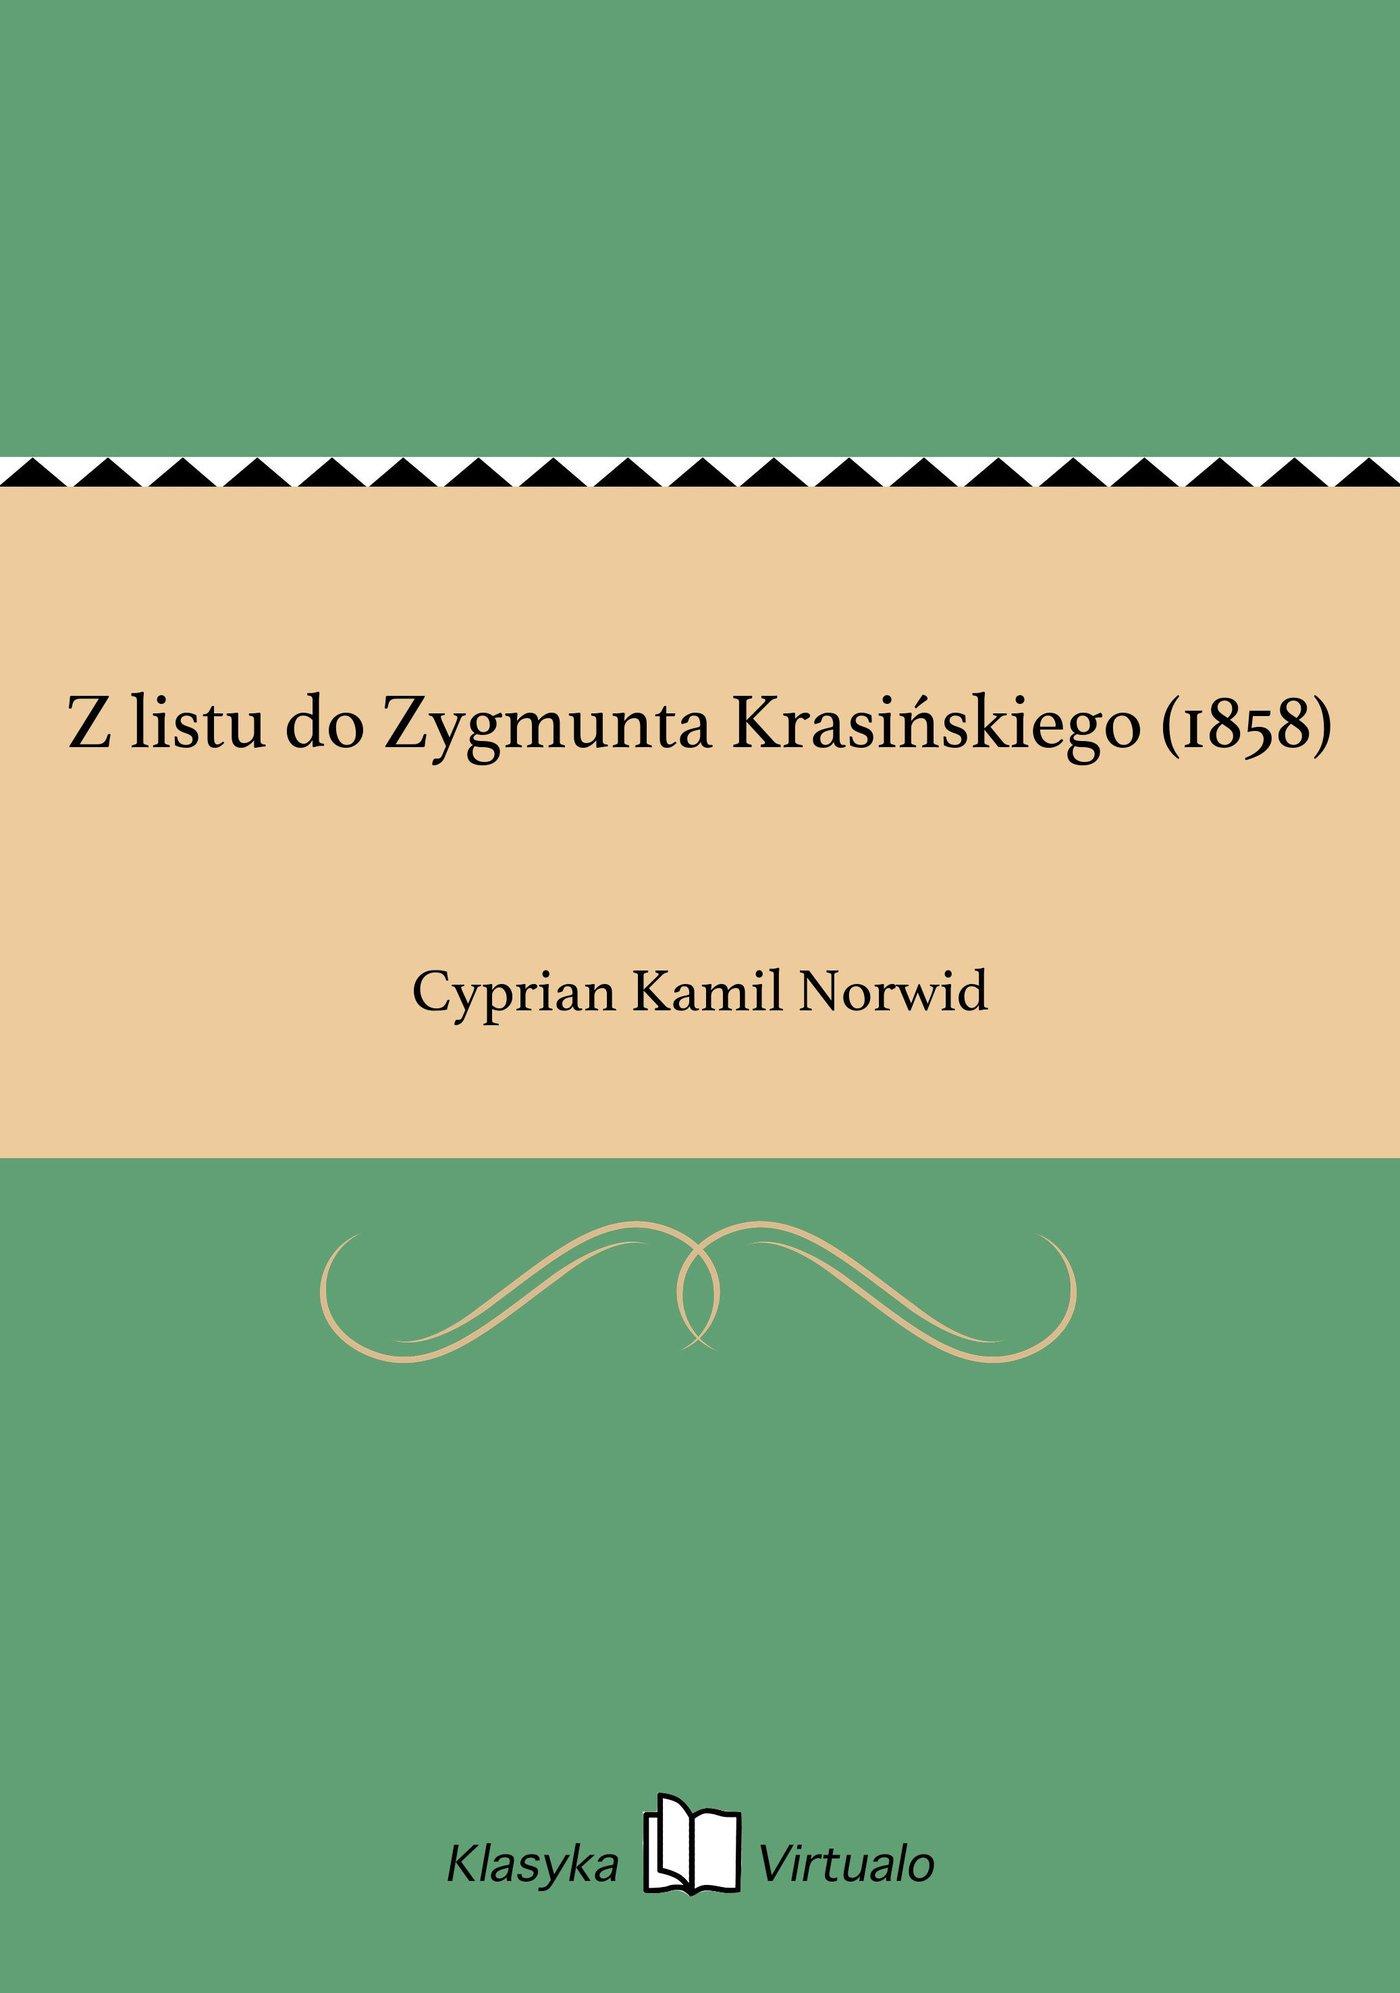 Z listu do Zygmunta Krasińskiego (1858) - Ebook (Książka EPUB) do pobrania w formacie EPUB